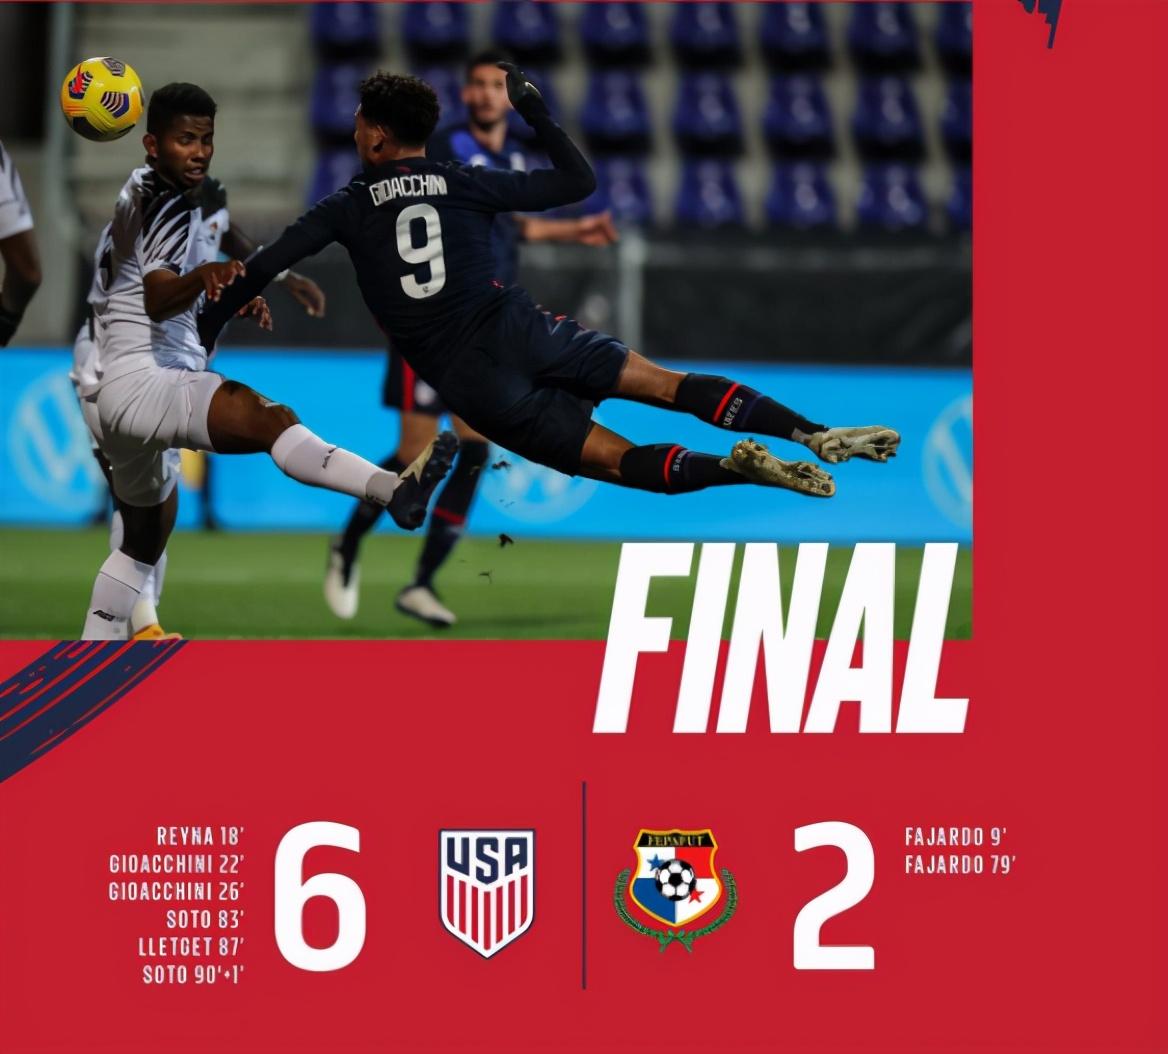 6-2---美国横扫世界杯新军!3大00后新星包揽5球